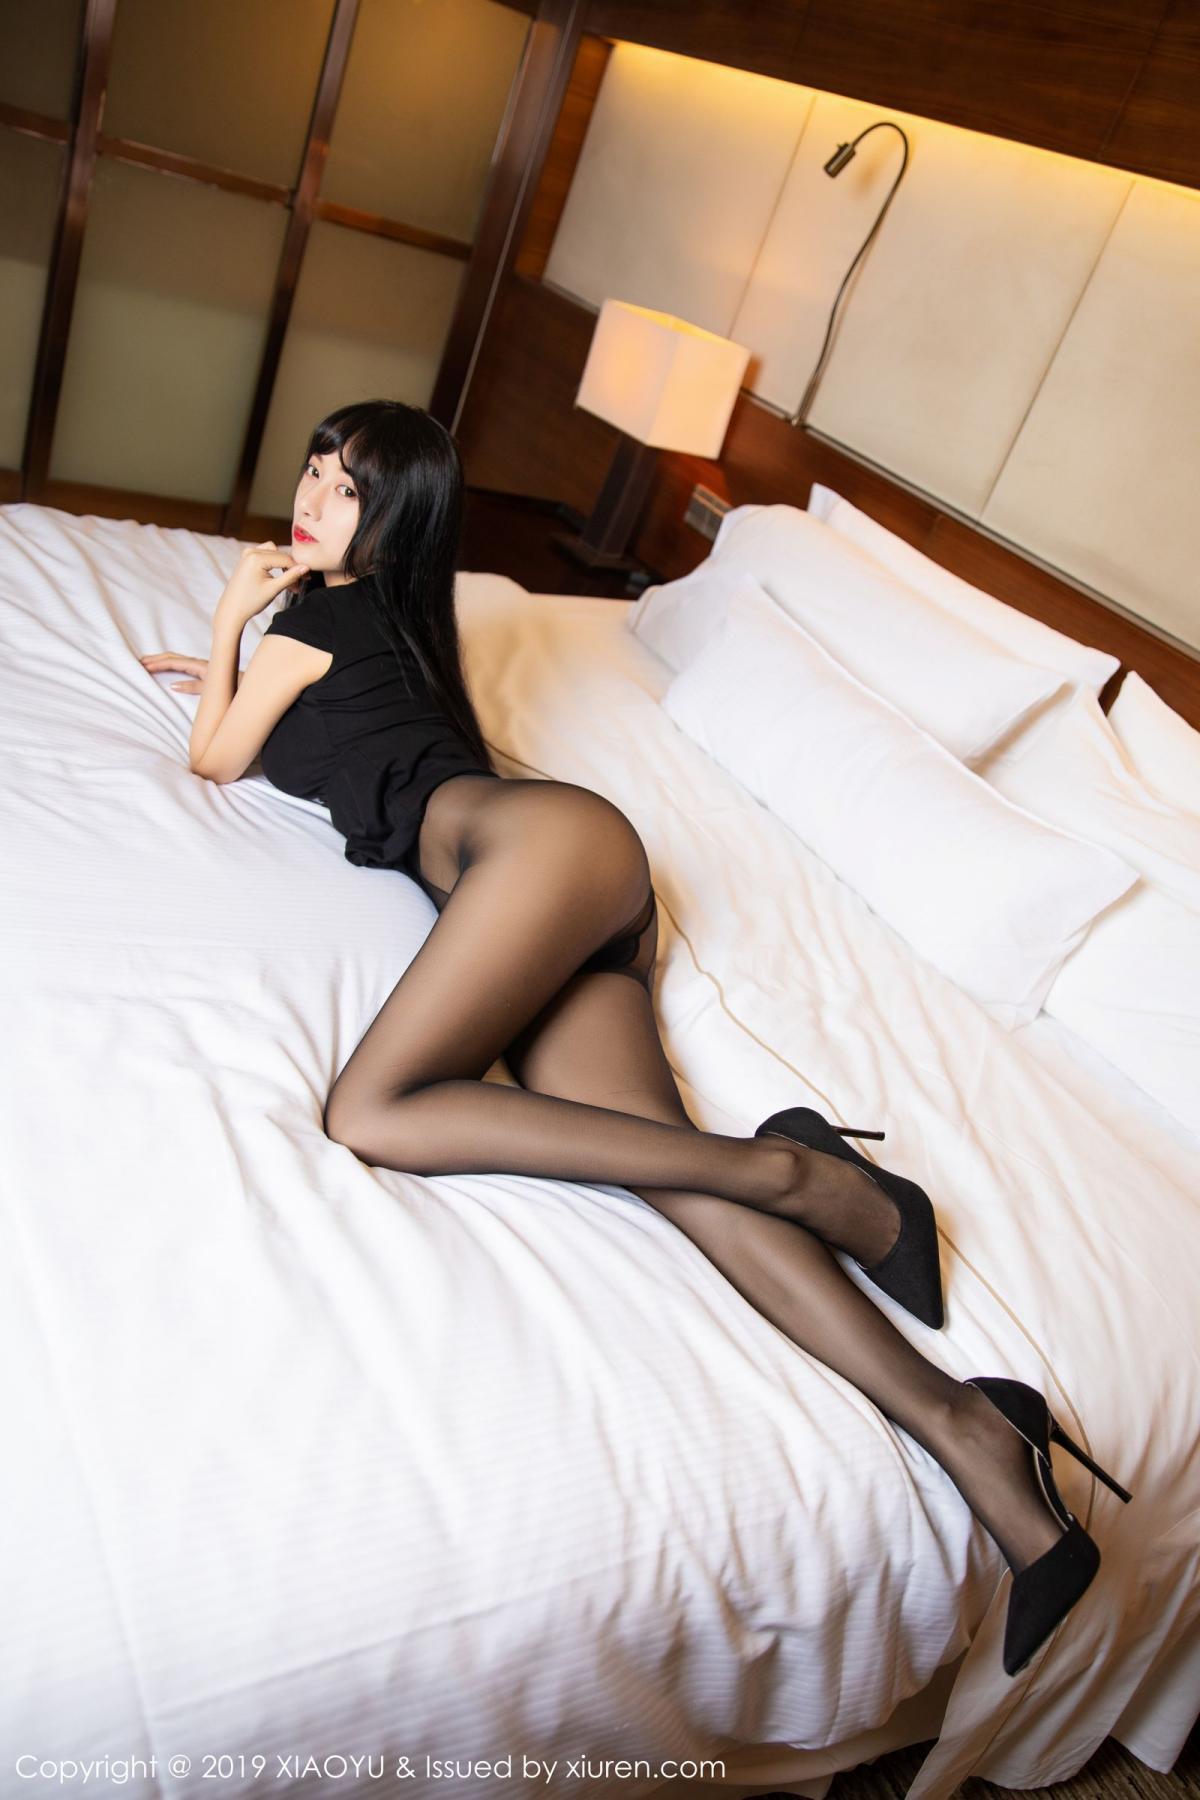 [XiaoYu] Vol.145 He Jia Ying 17P, Black Silk, He Jia Ying, Underwear, XiaoYu